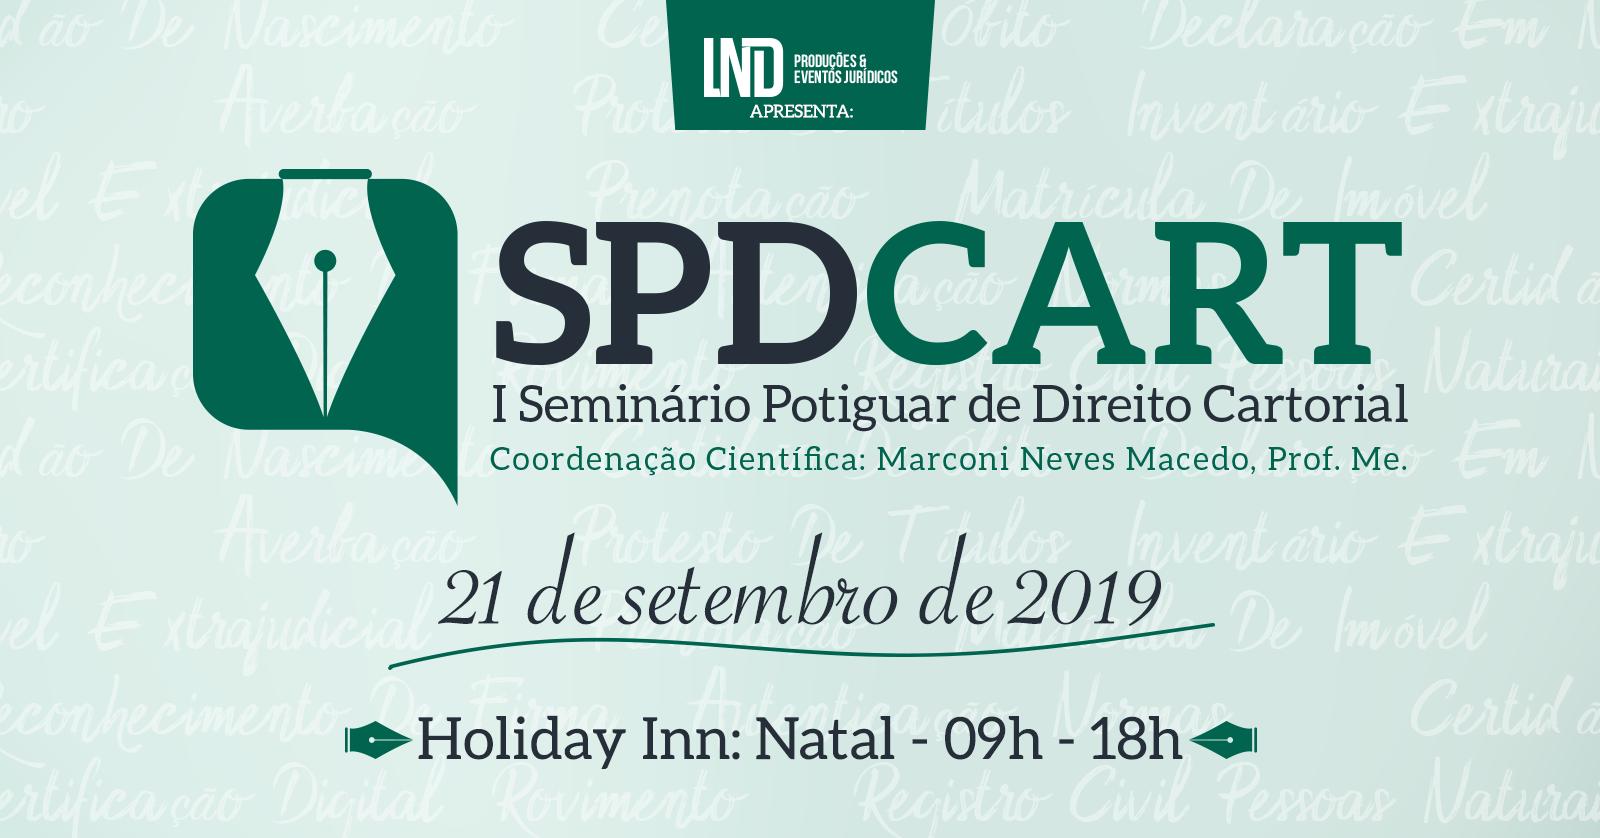 Colégio Notarial do Brasil divulga I Seminário Potiguar de Direito Cartorial